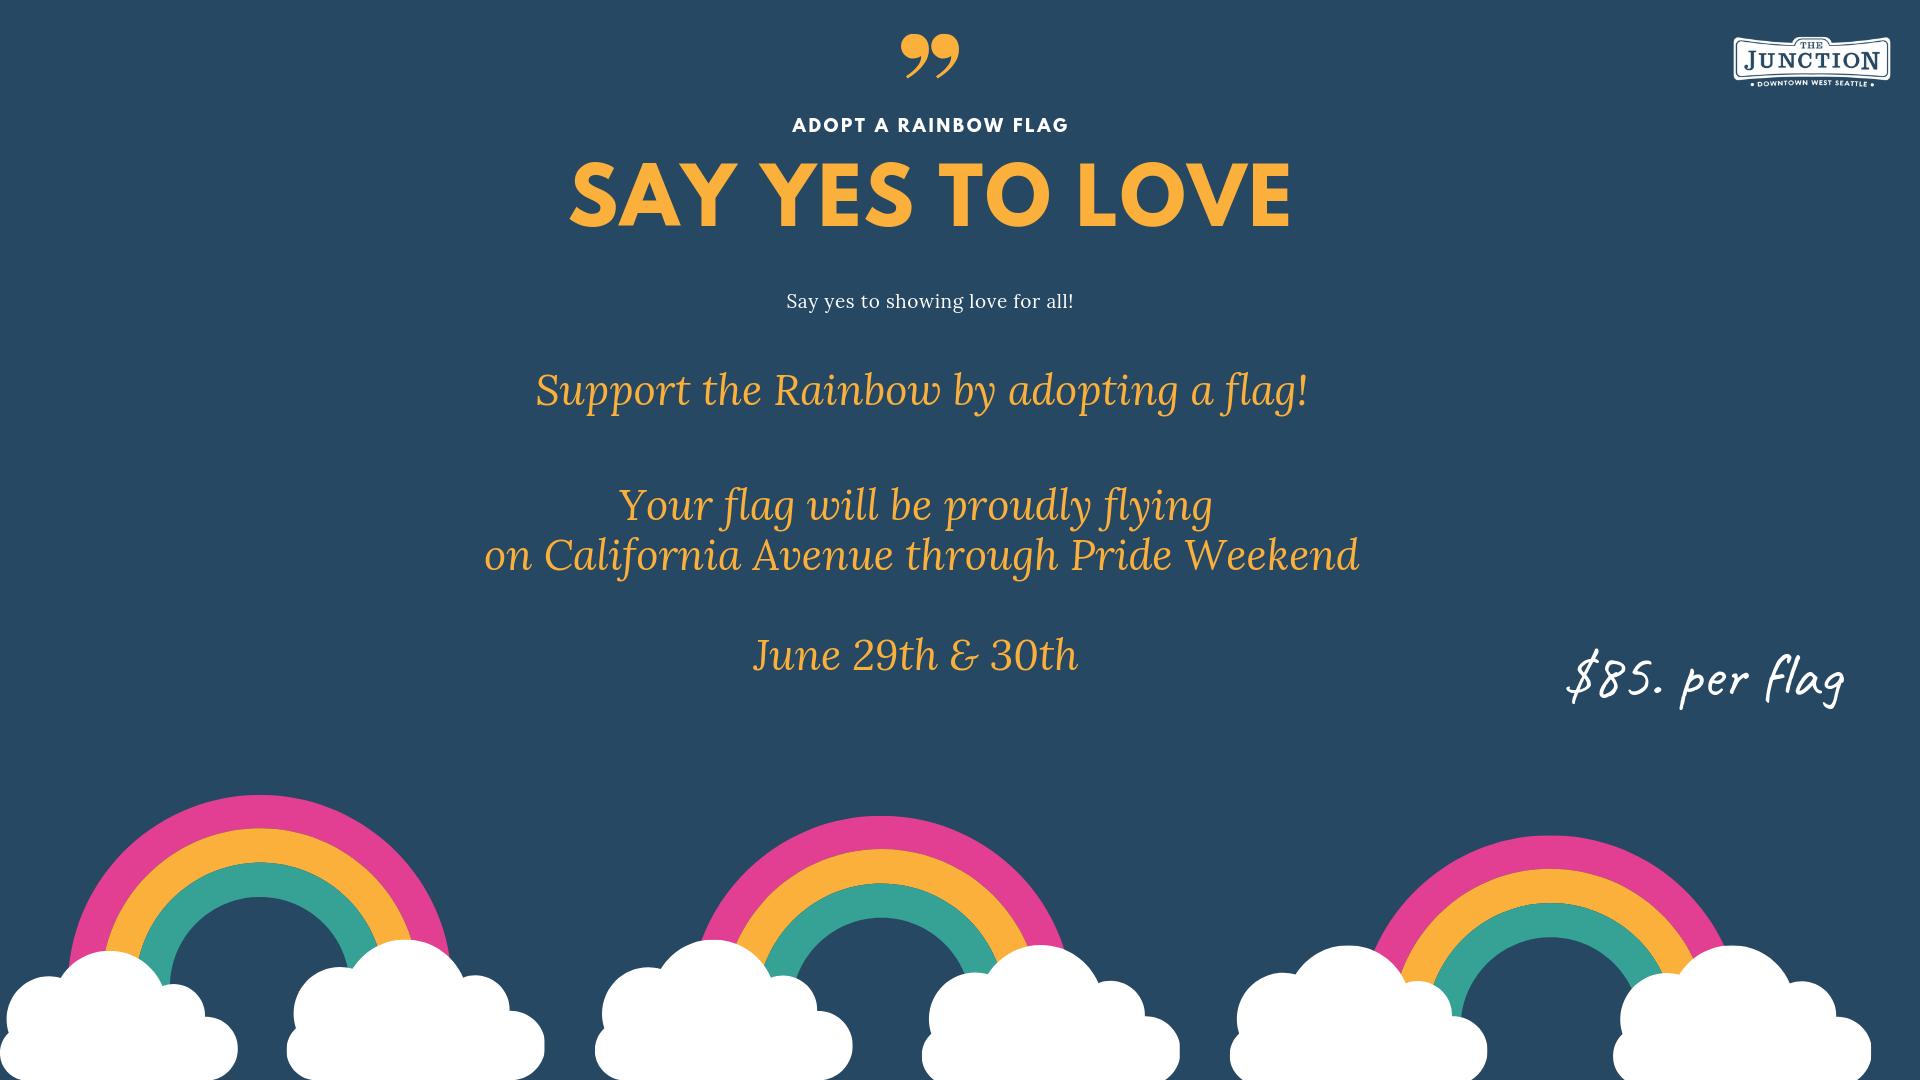 Adopt a Rainbow Flag